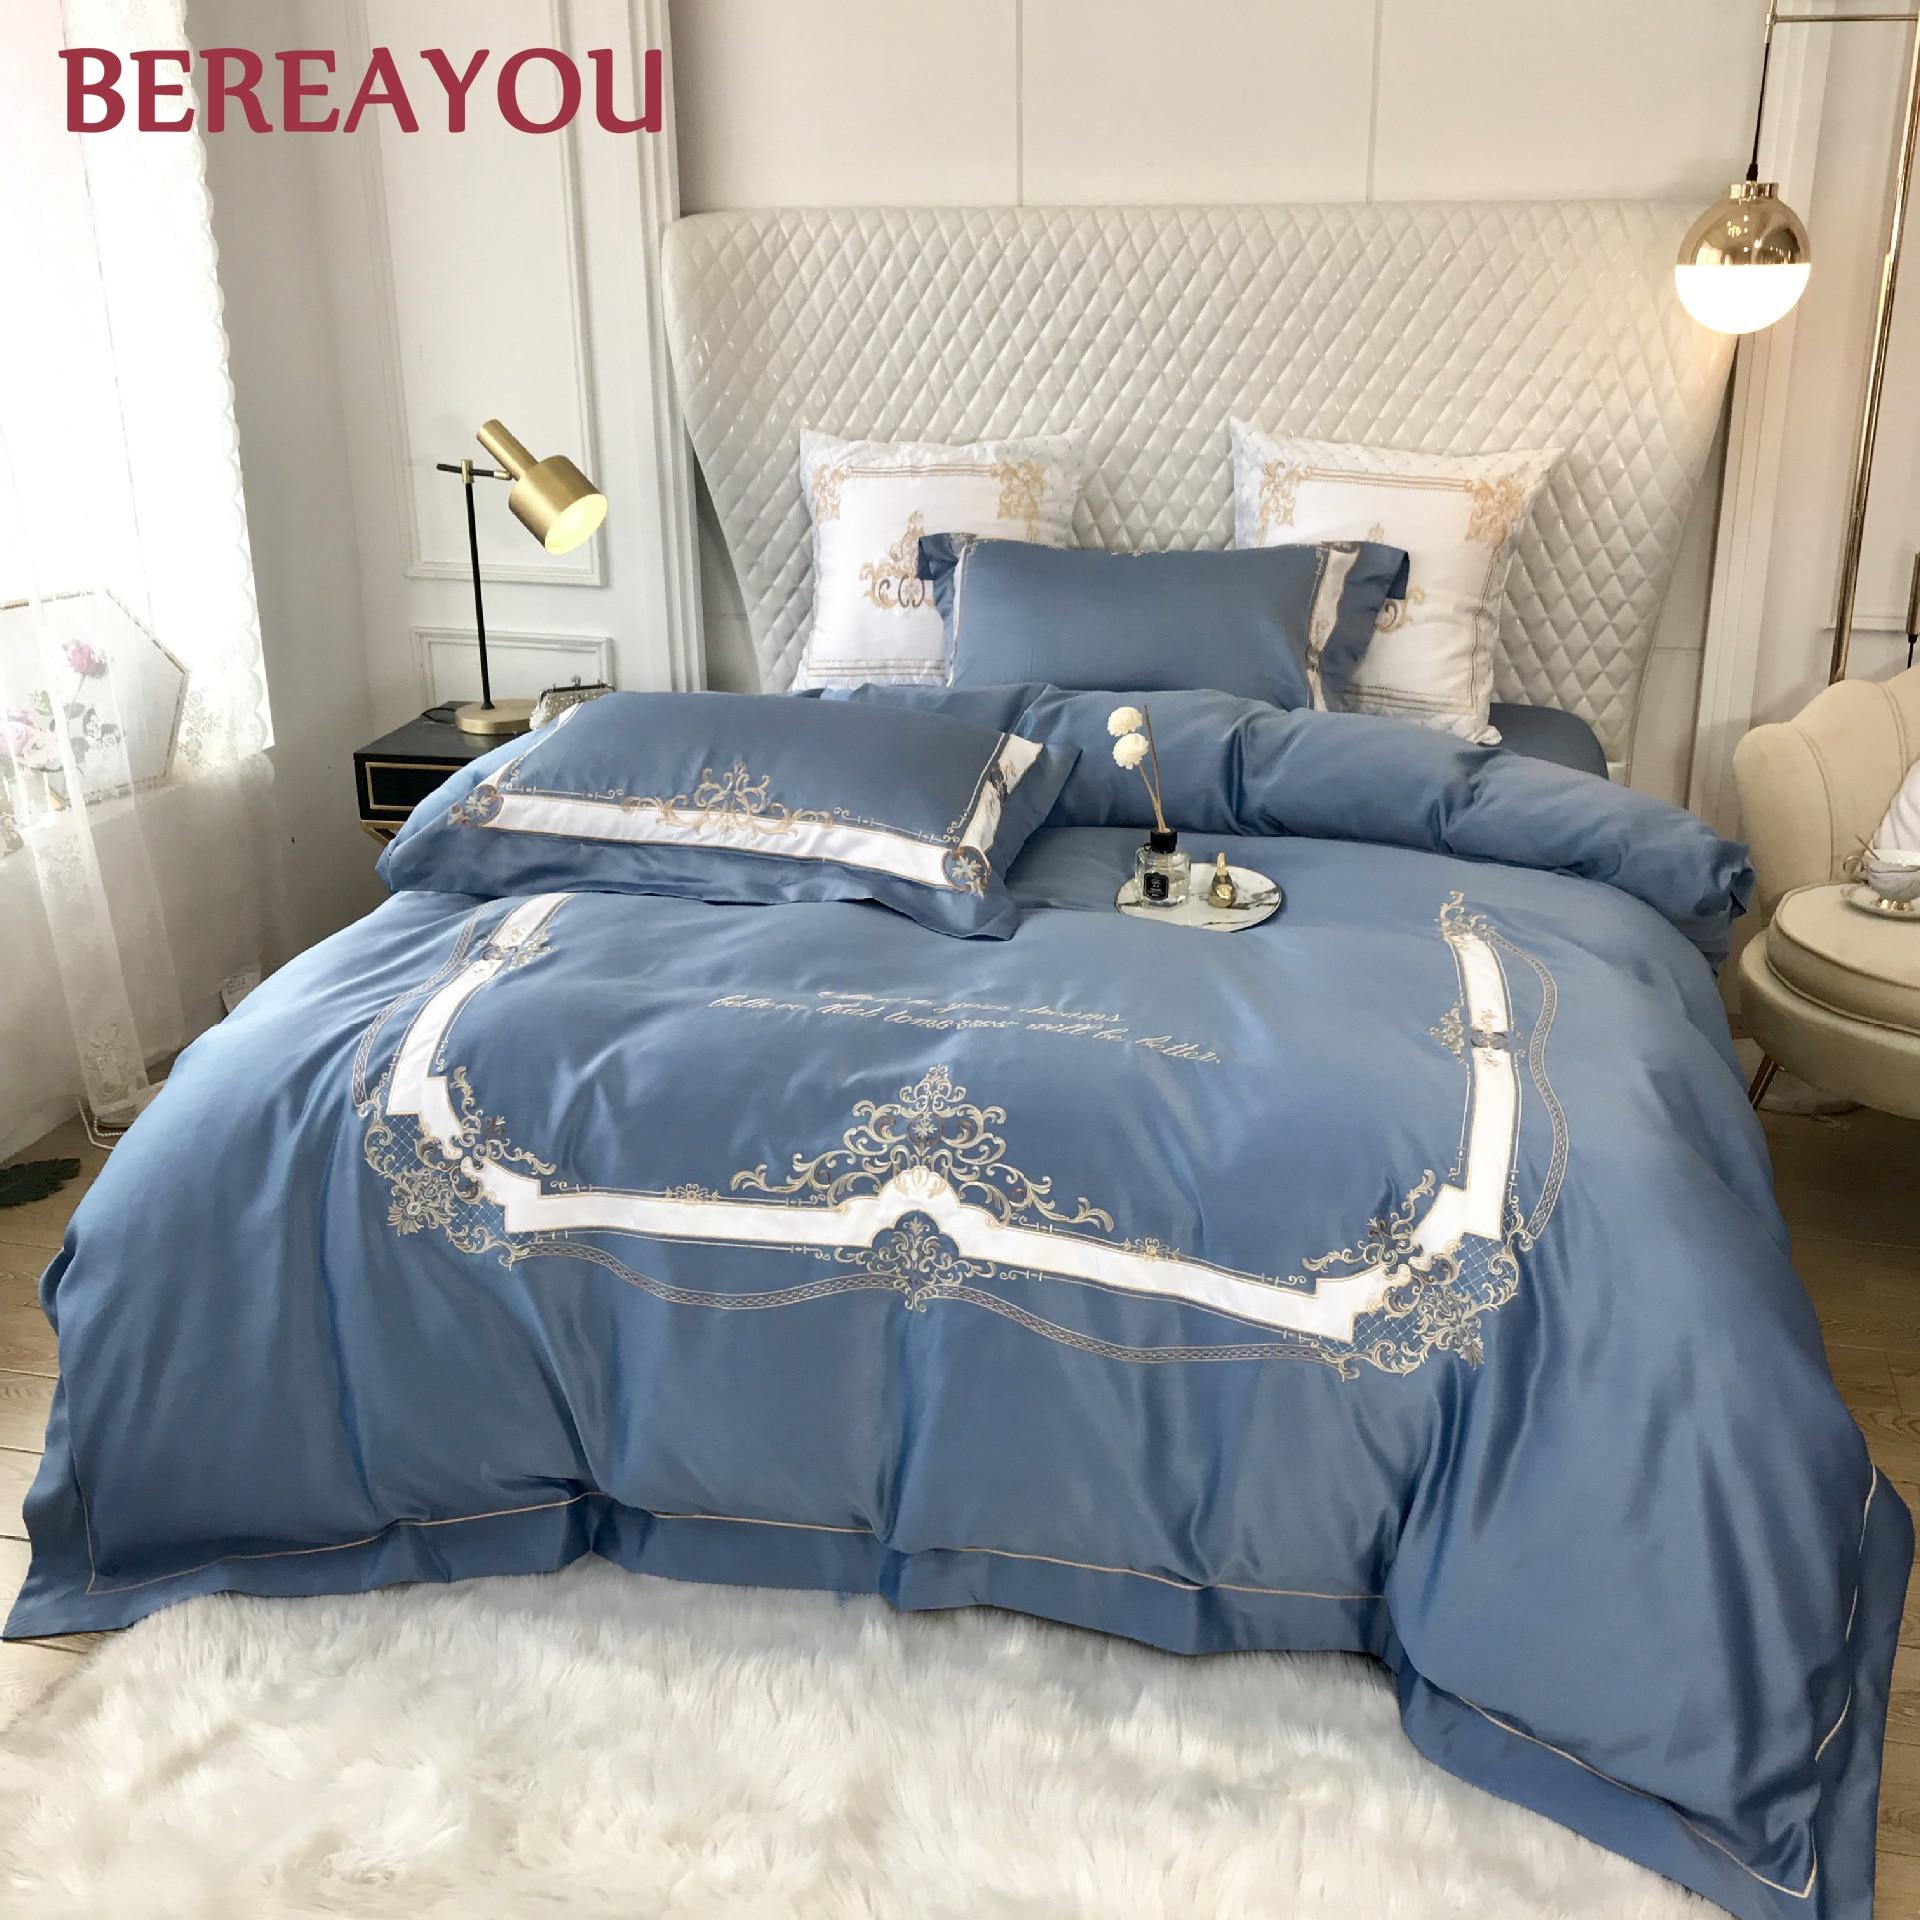 Juegos de cama de algodón, juego de cama de Hotel de satén de lujo, ropa de cama de boda roja, funda nórdica de princesa, tamaño King, Sábana plana, conjunto literie